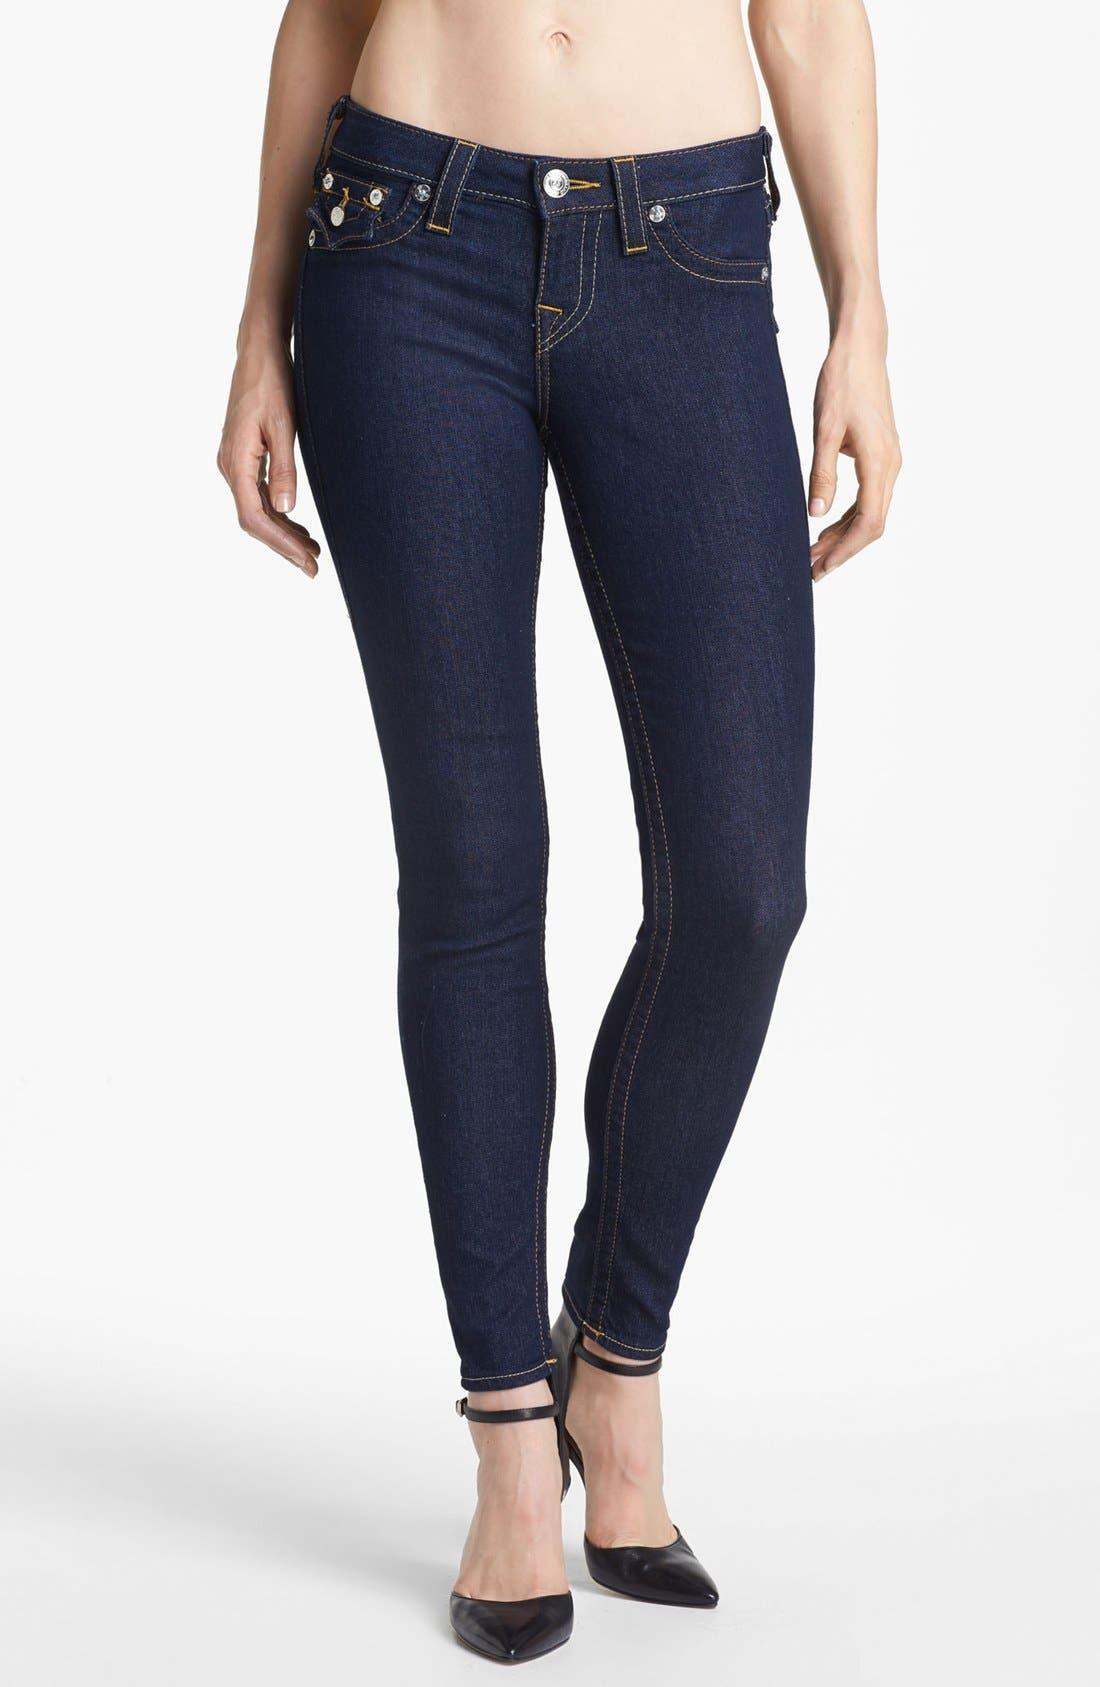 Main Image - True Religion Brand Jeans 'Serena' Denim Leggings (Body Rinse) (Online Only)